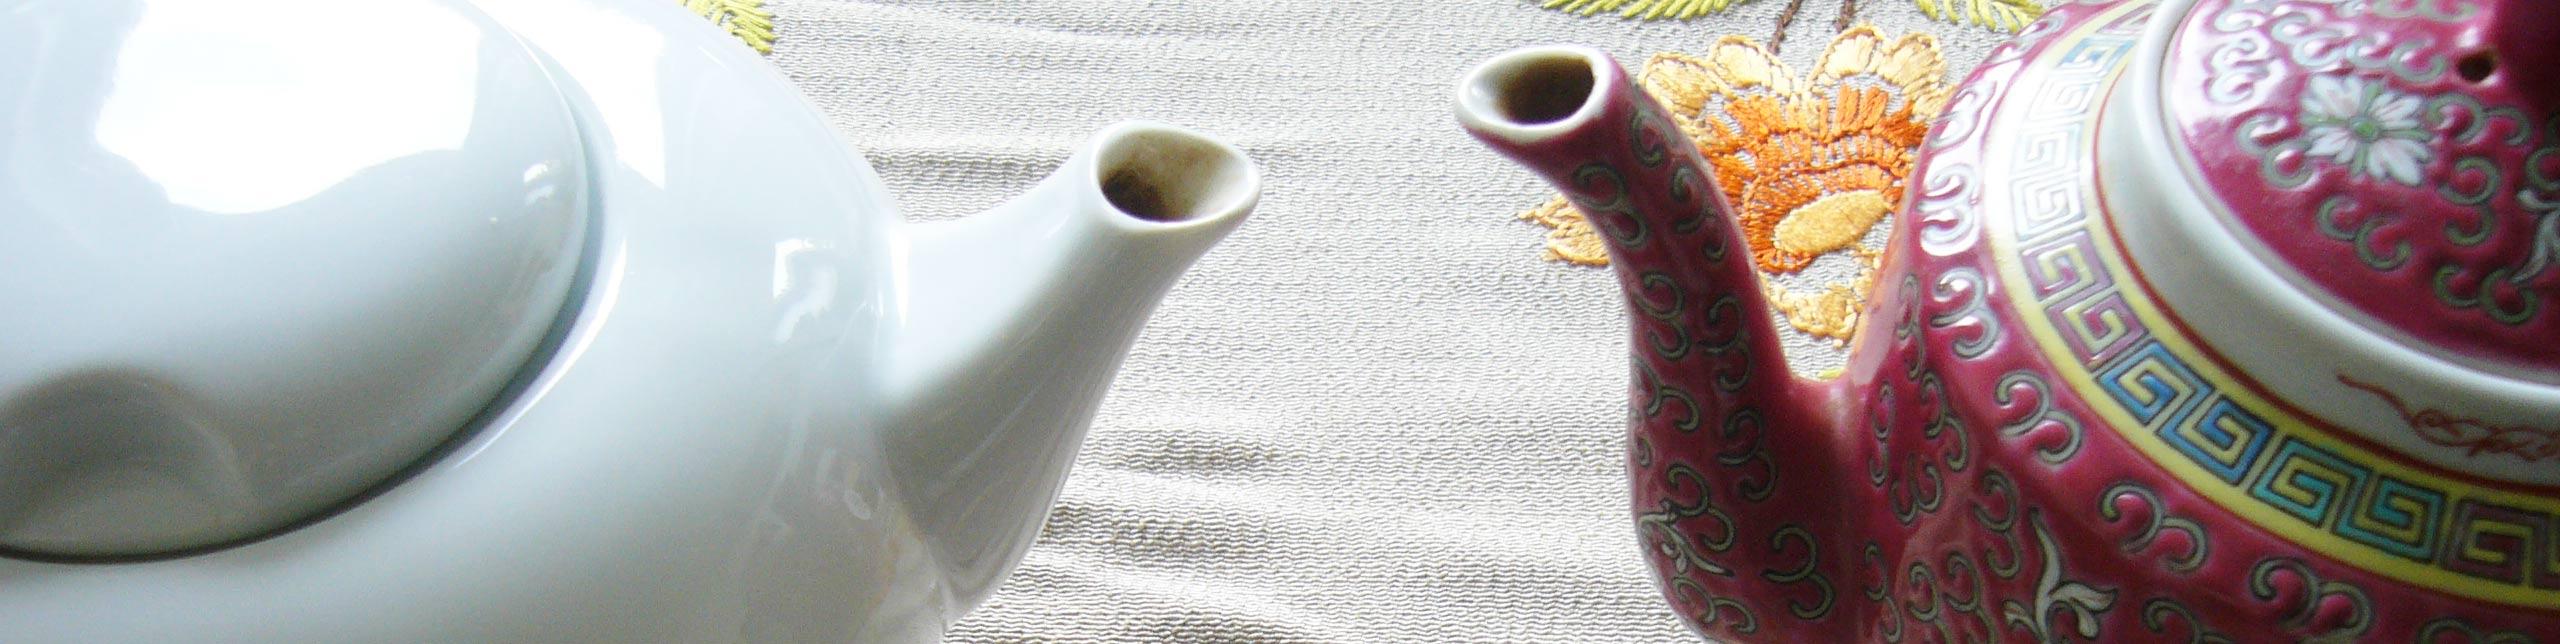 About und warum - Slow Design Blog im Dialog von zwei Teekannen